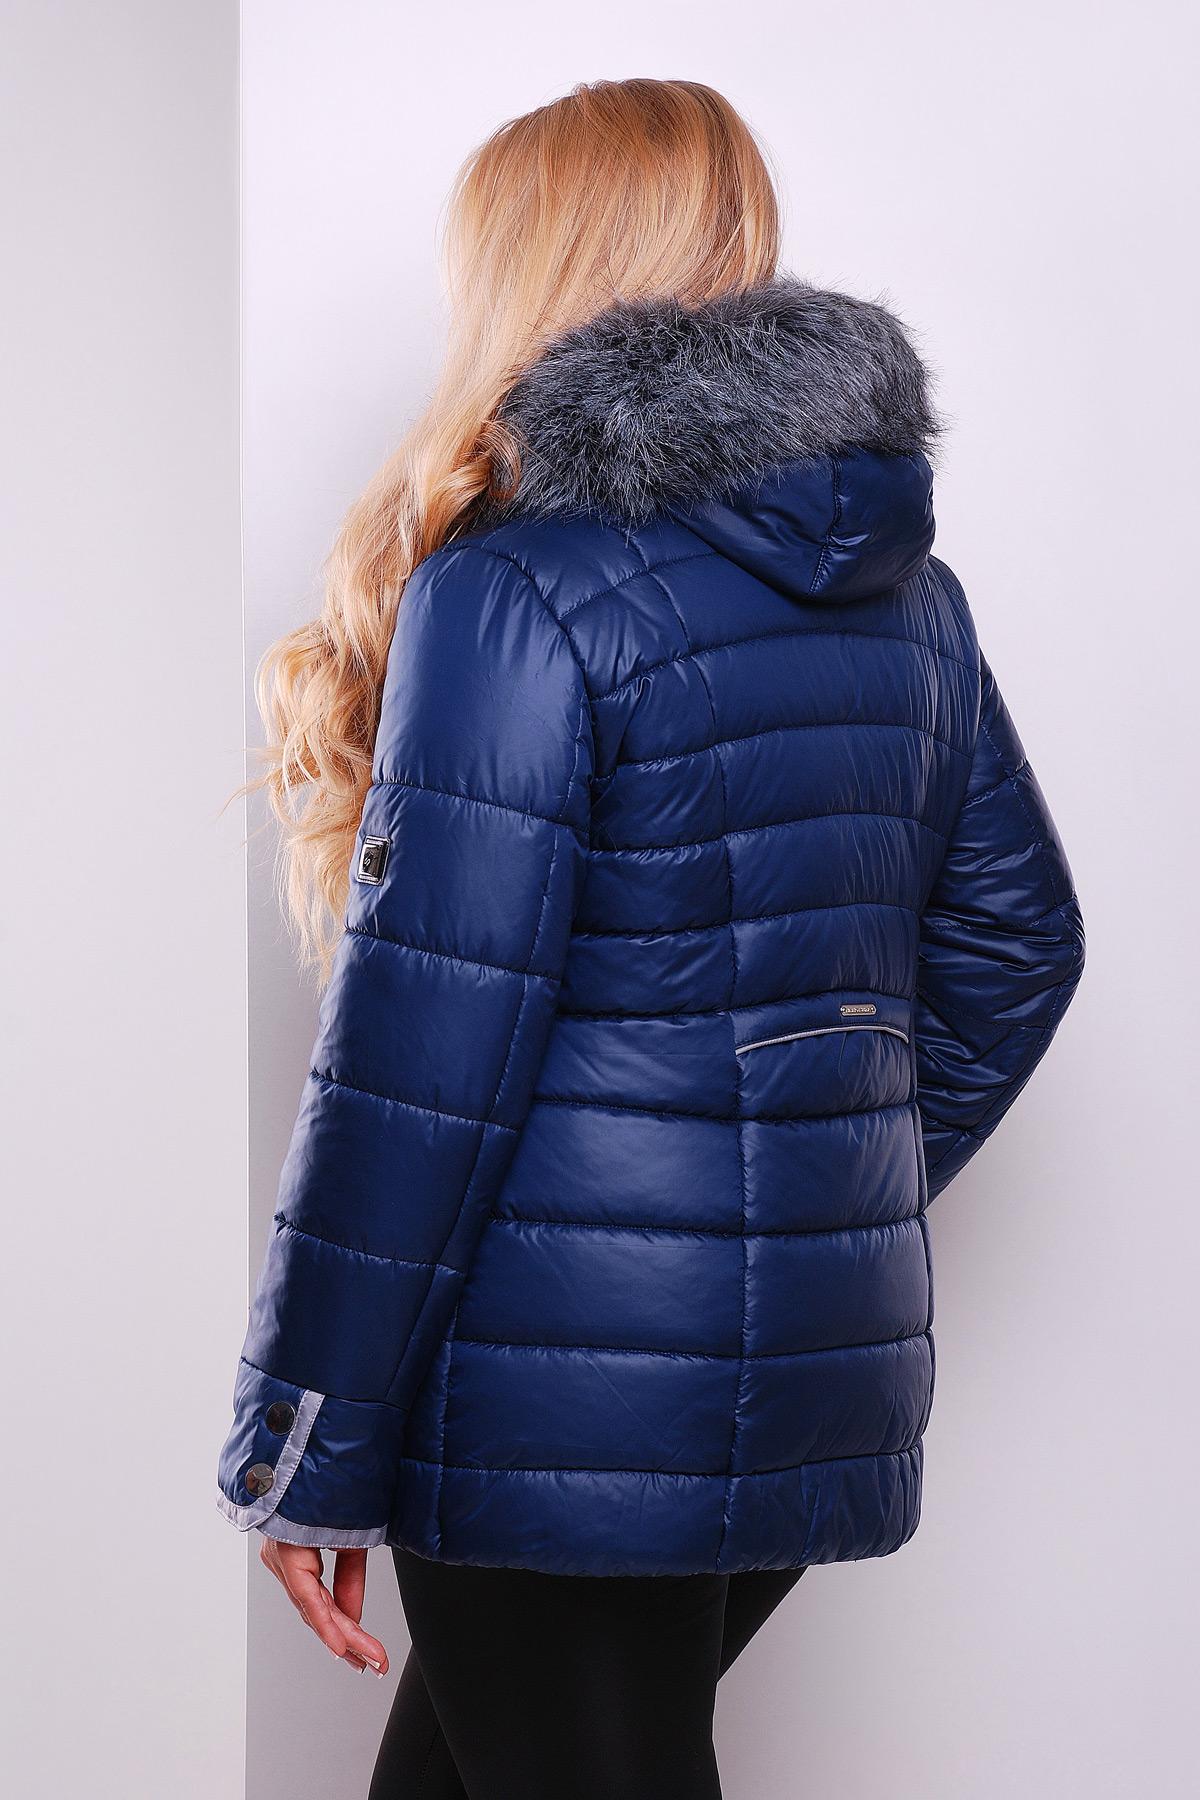 315871f6749 Черная куртка с капюшоном на меху. куртка Glem-1. Цвет  темно синий